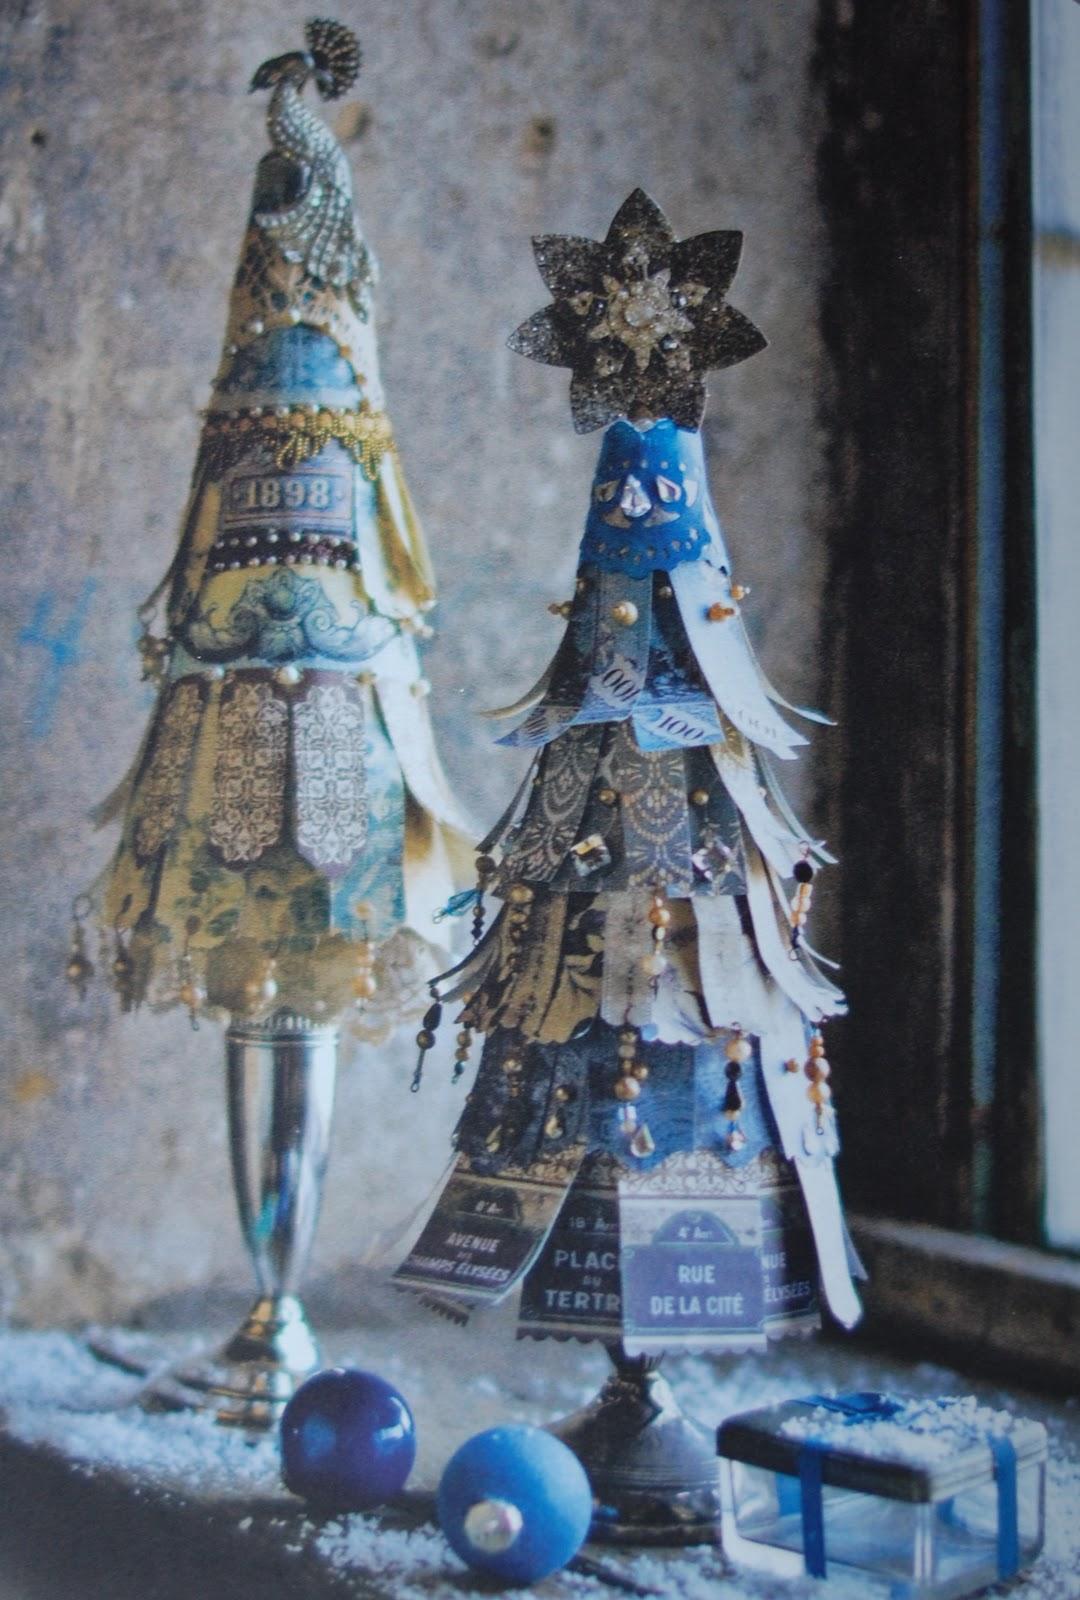 saltbox treasures: Christmas inspiration